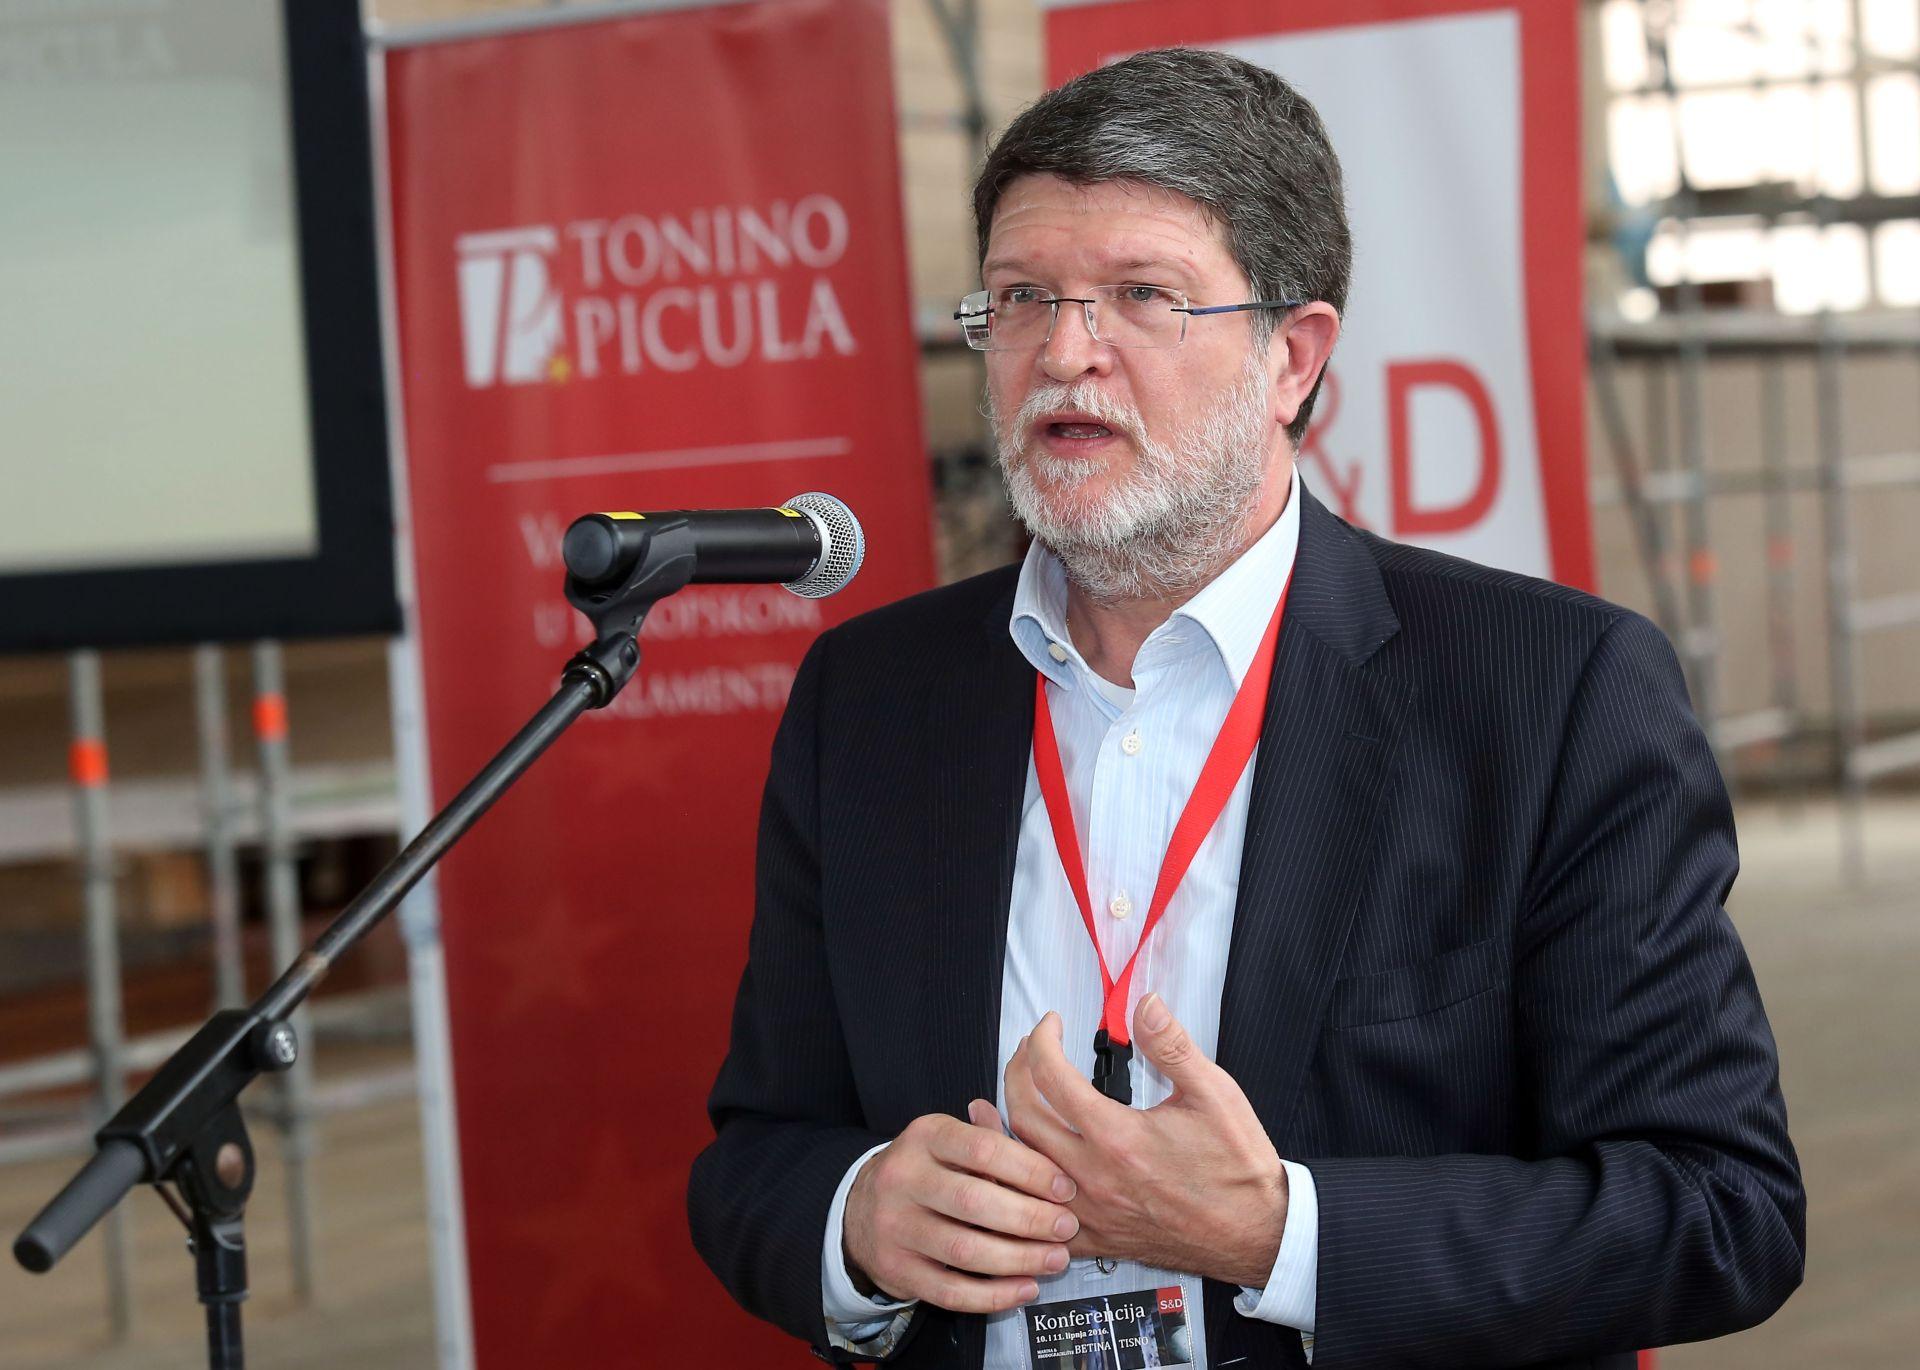 IZBORI U SDP-u: Picula dao potporu Bernardiću